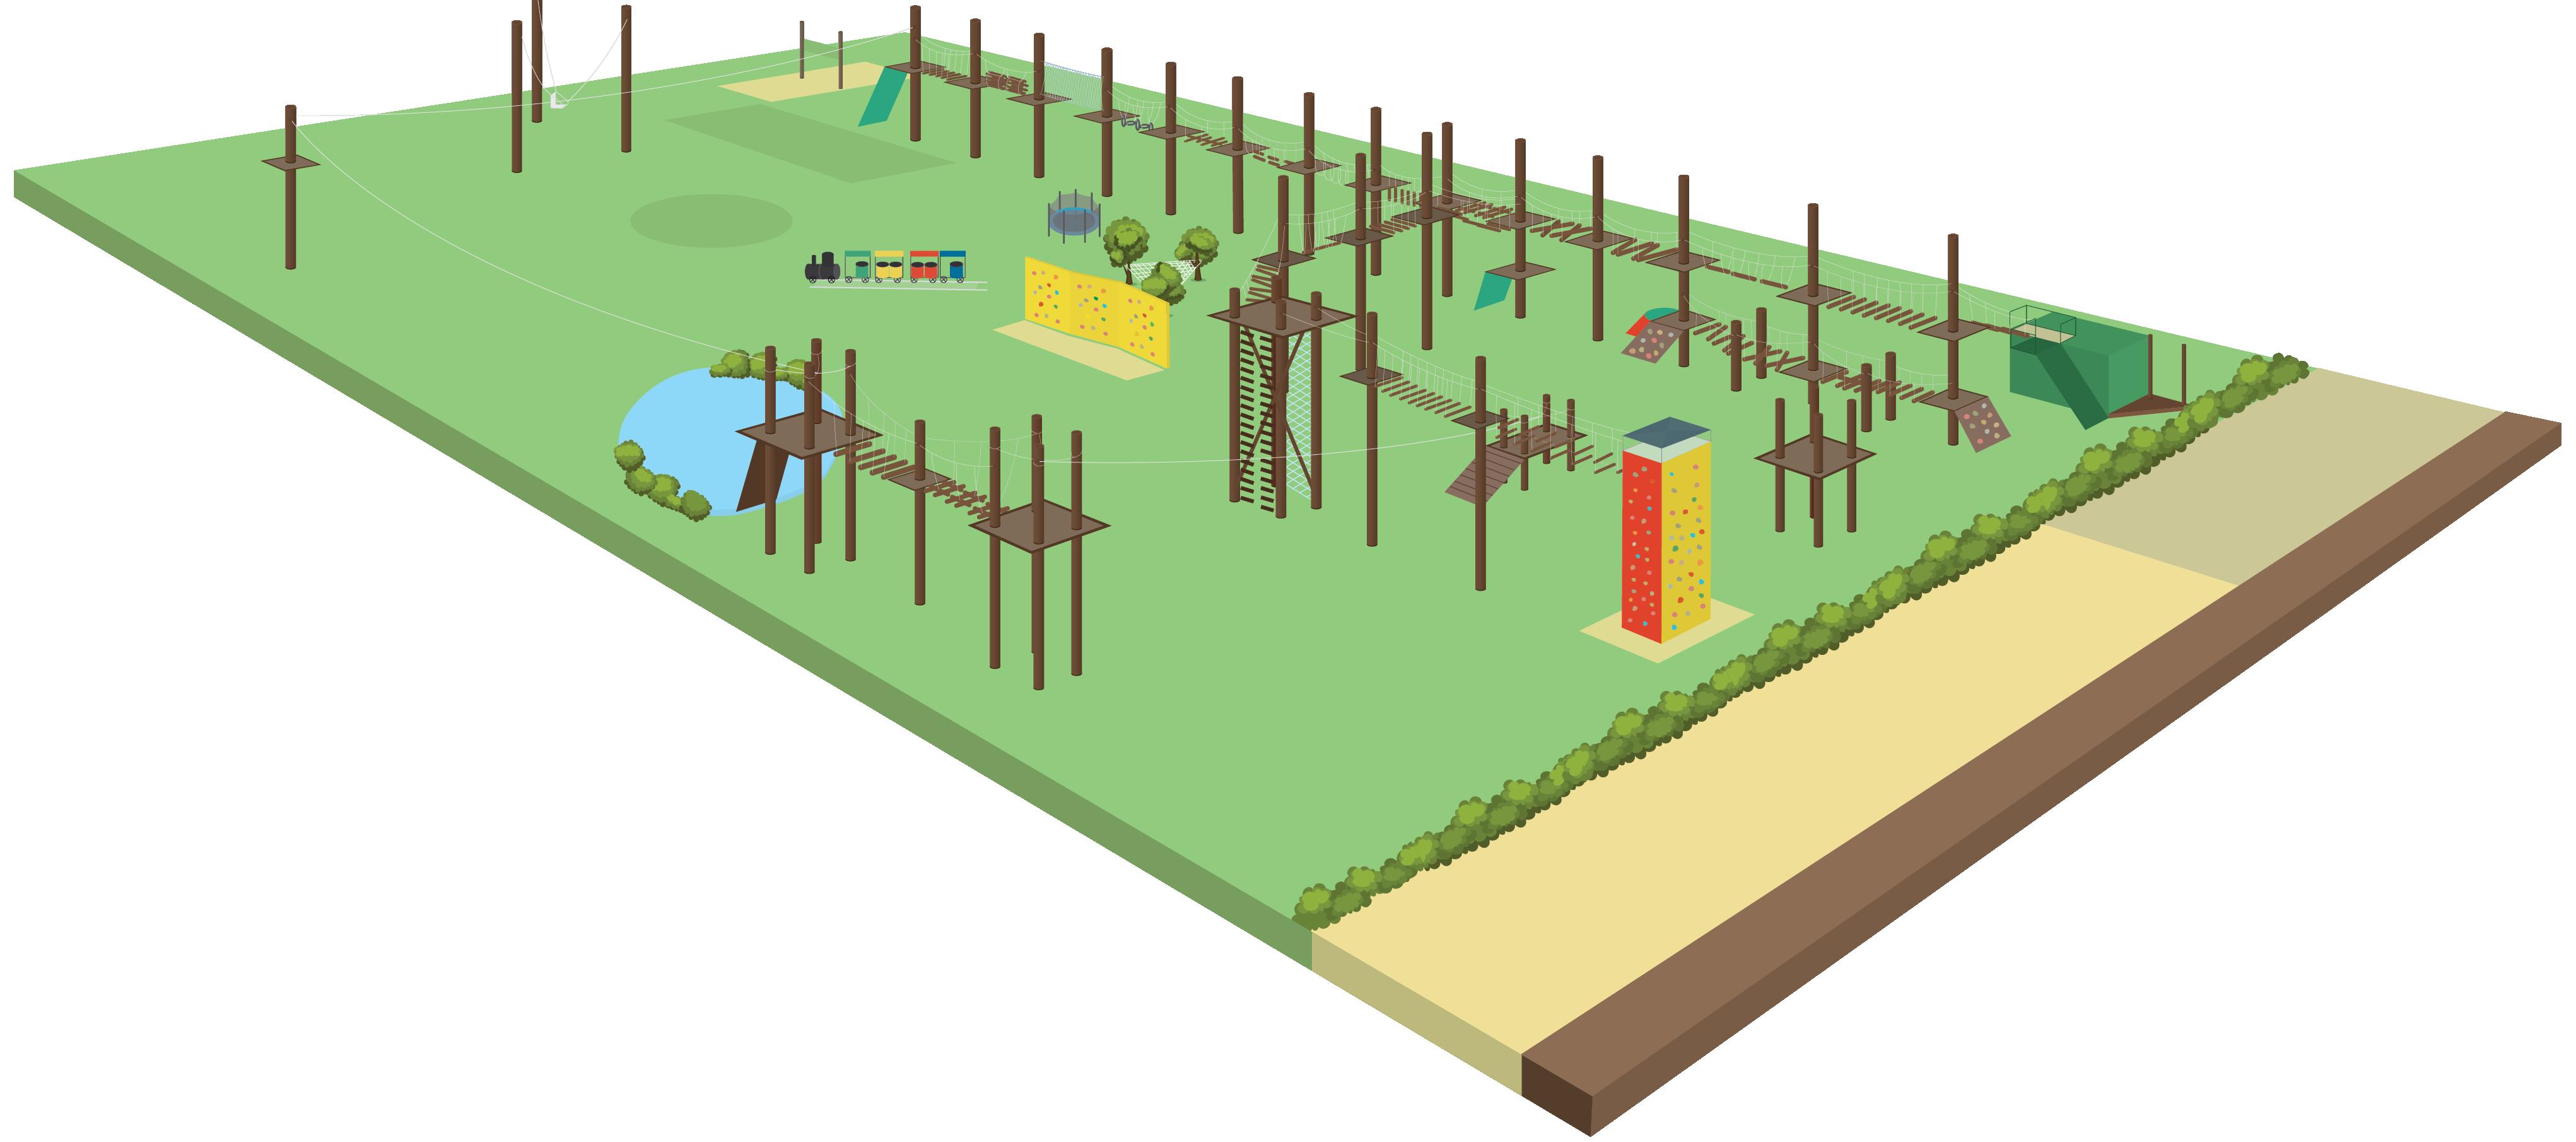 Circuito Juegos Para Niños : Juegos molino aventuras